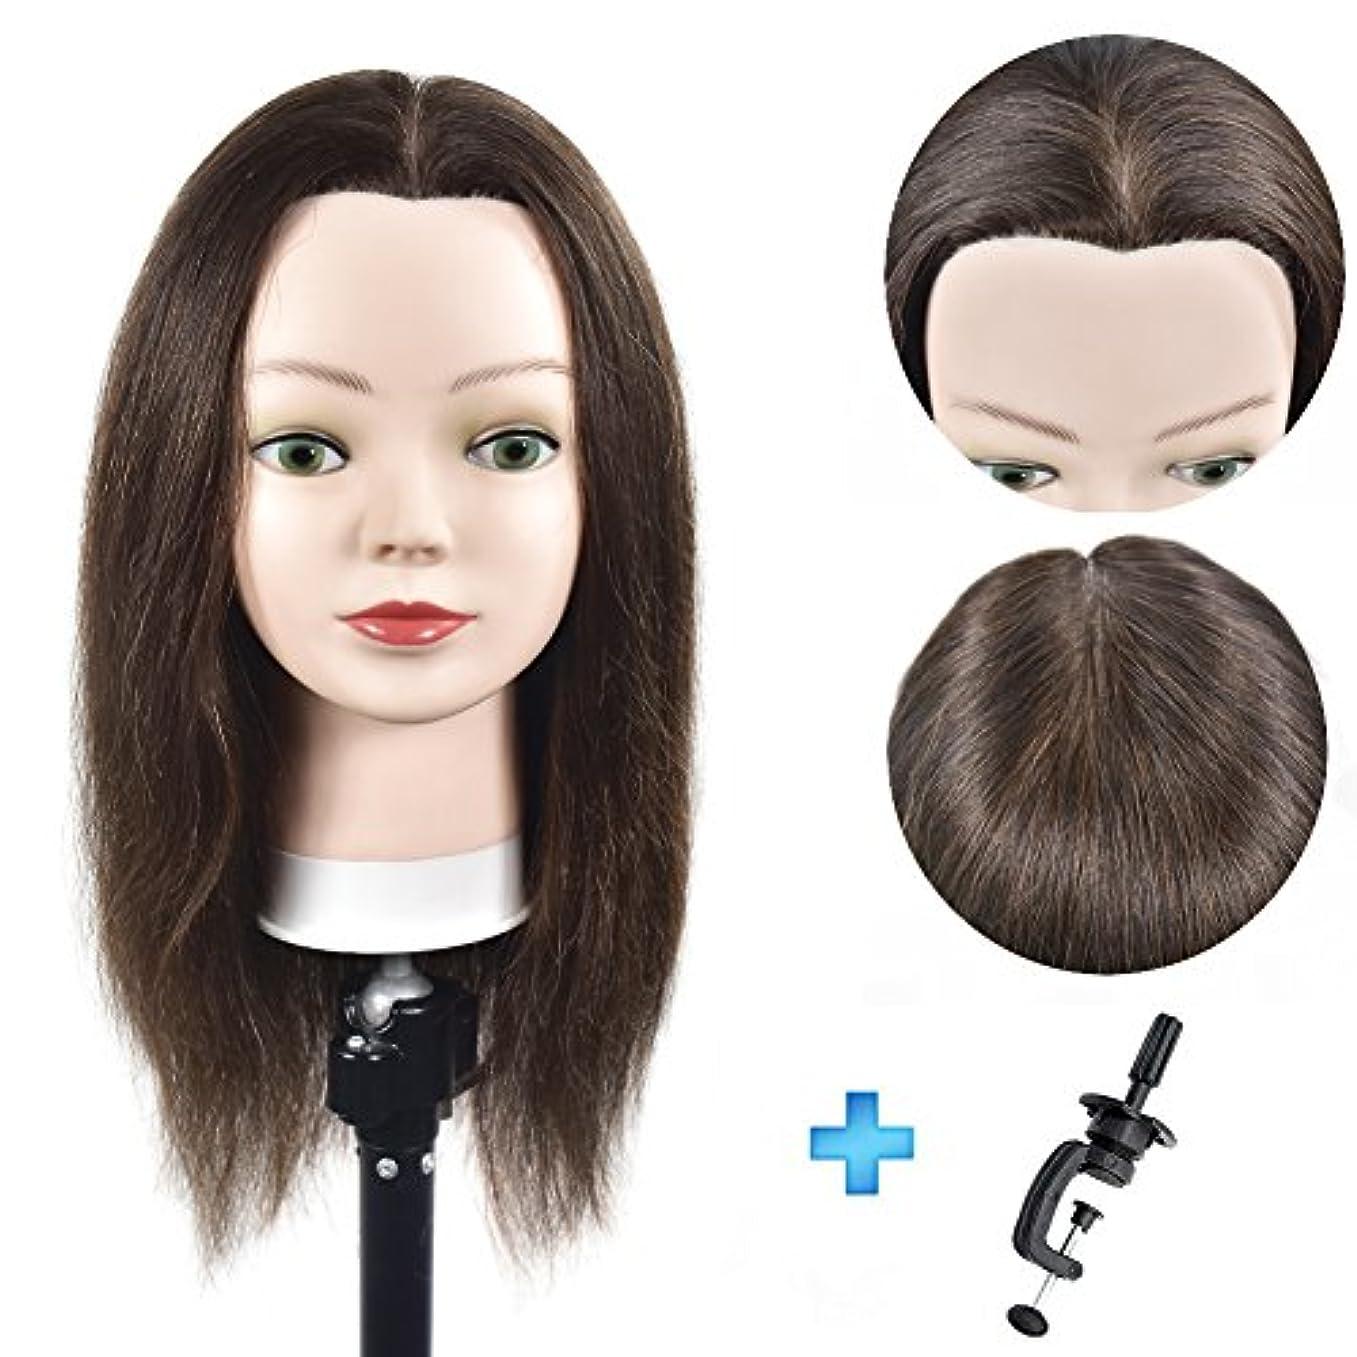 褒賞テセウスイソギンチャク16インチマネキンヘッド100%人間の髪の美容師のトレーニングヘッドマネキン美容師の人形ヘッド(テーブルクランプスタンドが含まれています)